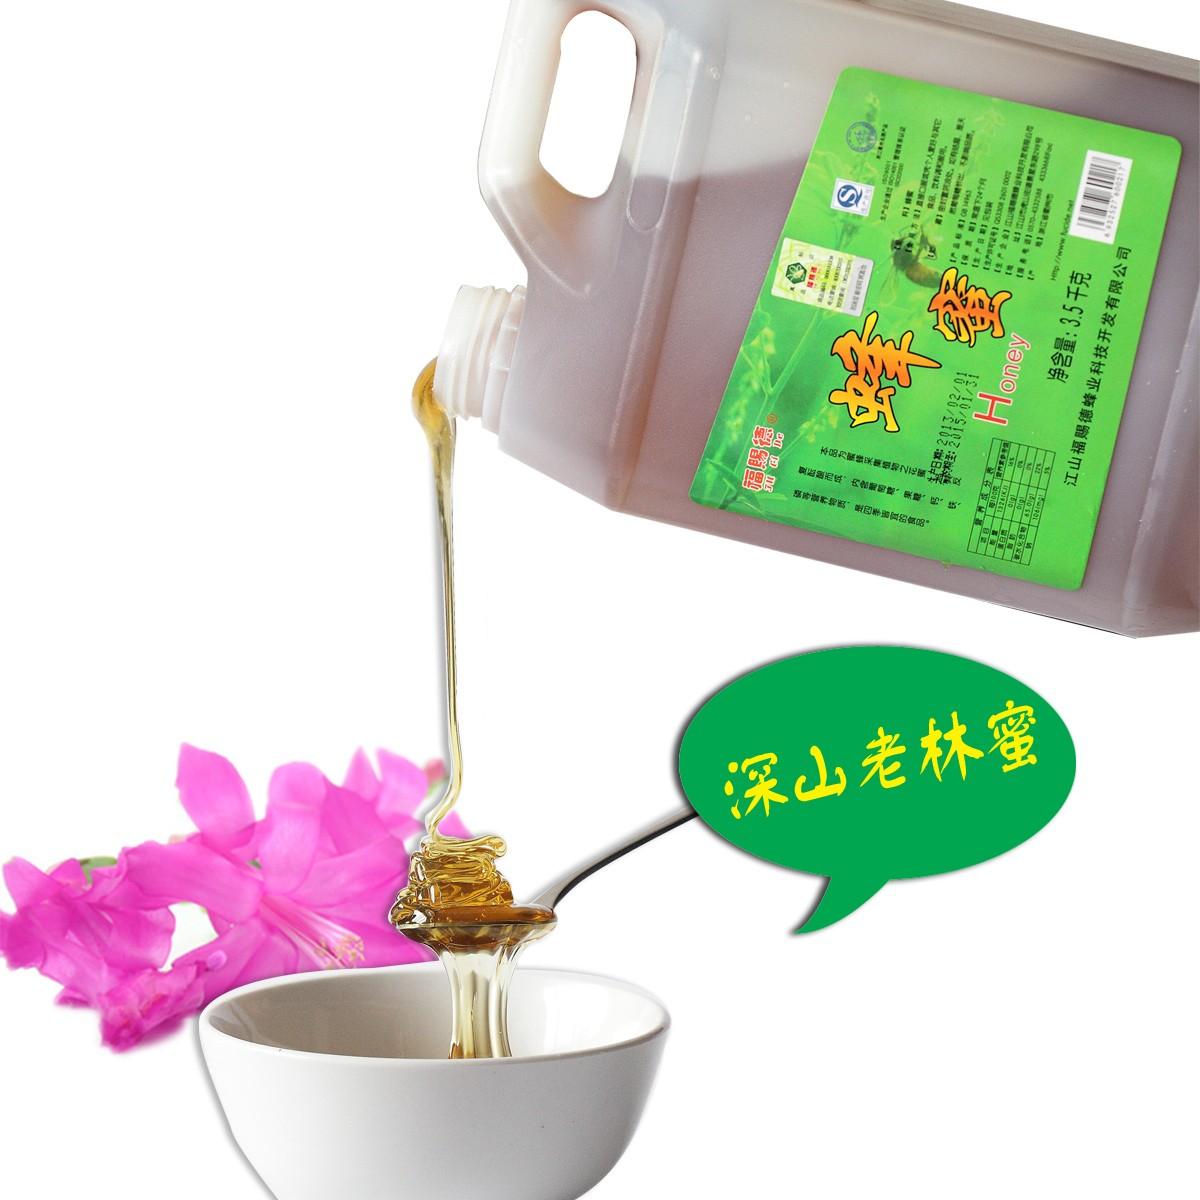 福赐德 纯天然农家野花蜂蜜 百花蜜3500g 来自大山的蜜 无污染